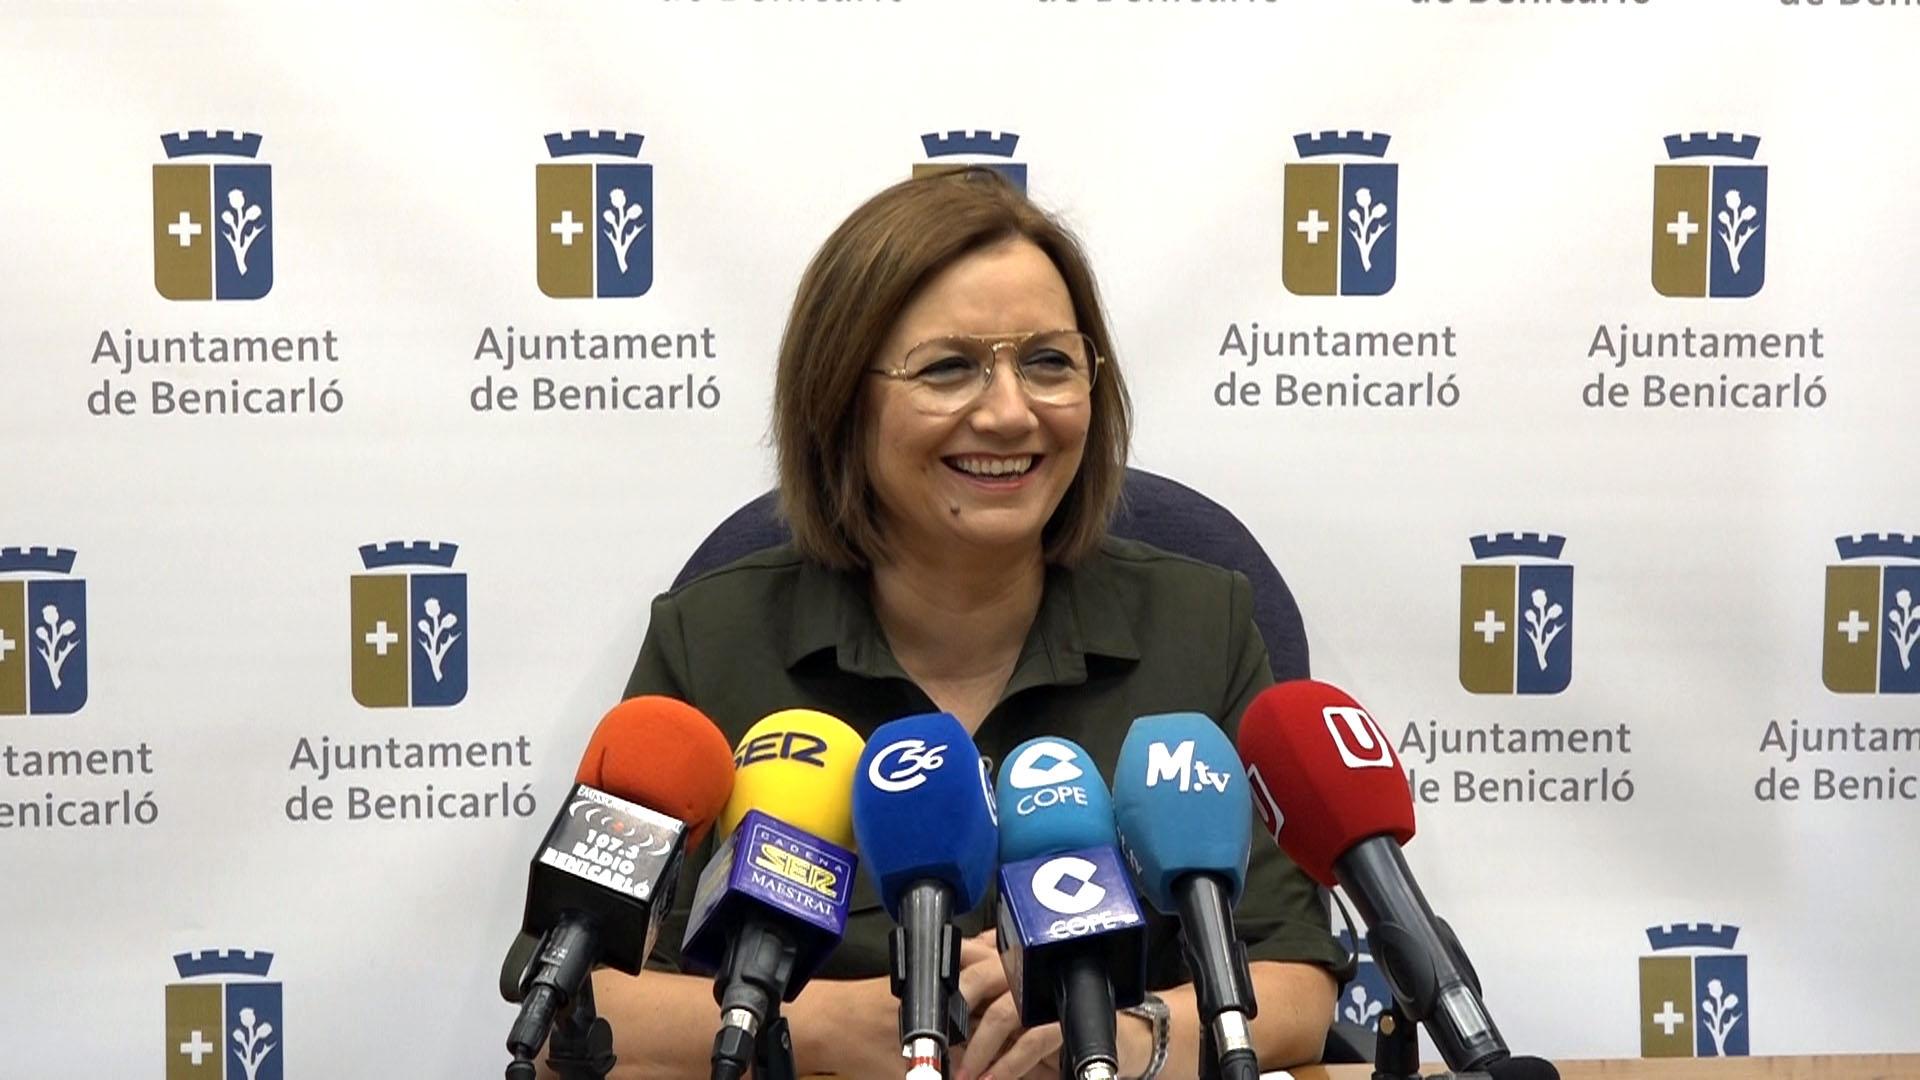 Benicarló, l'alcaldessa Miralles informa que l'aprovació del PGOU avança dintre dels terminis establerts